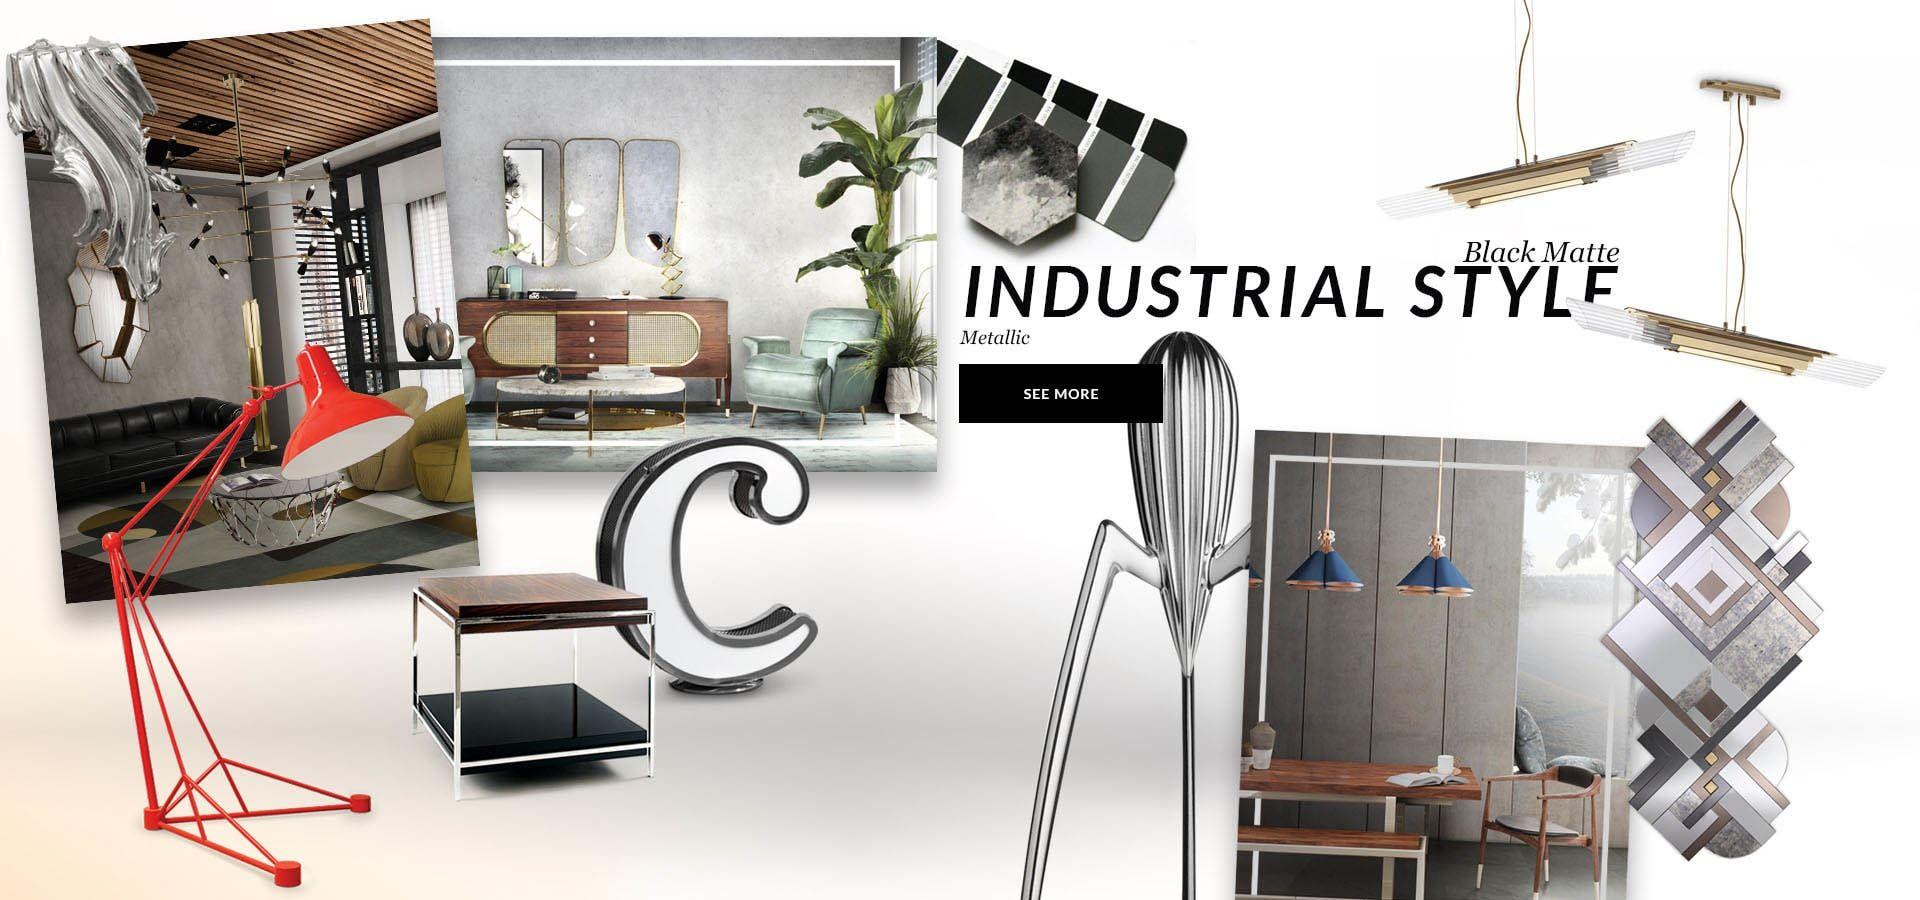 black-matte-industrial-style-moodboard.jpg